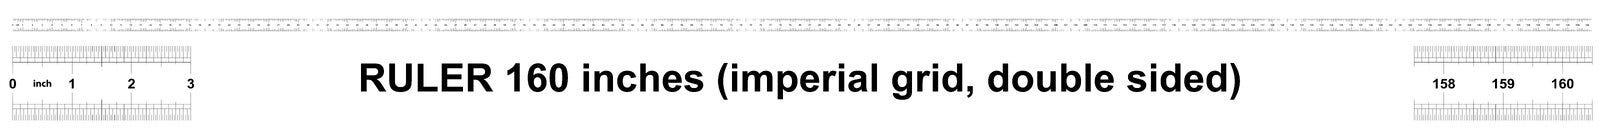 Heerser 160 duim keizer De afdelingsprijs is 1/32 duim Tweezijdige heerser Nauwkeurig metend hulpmiddel Kaliberbepalingsnet royalty-vrije illustratie